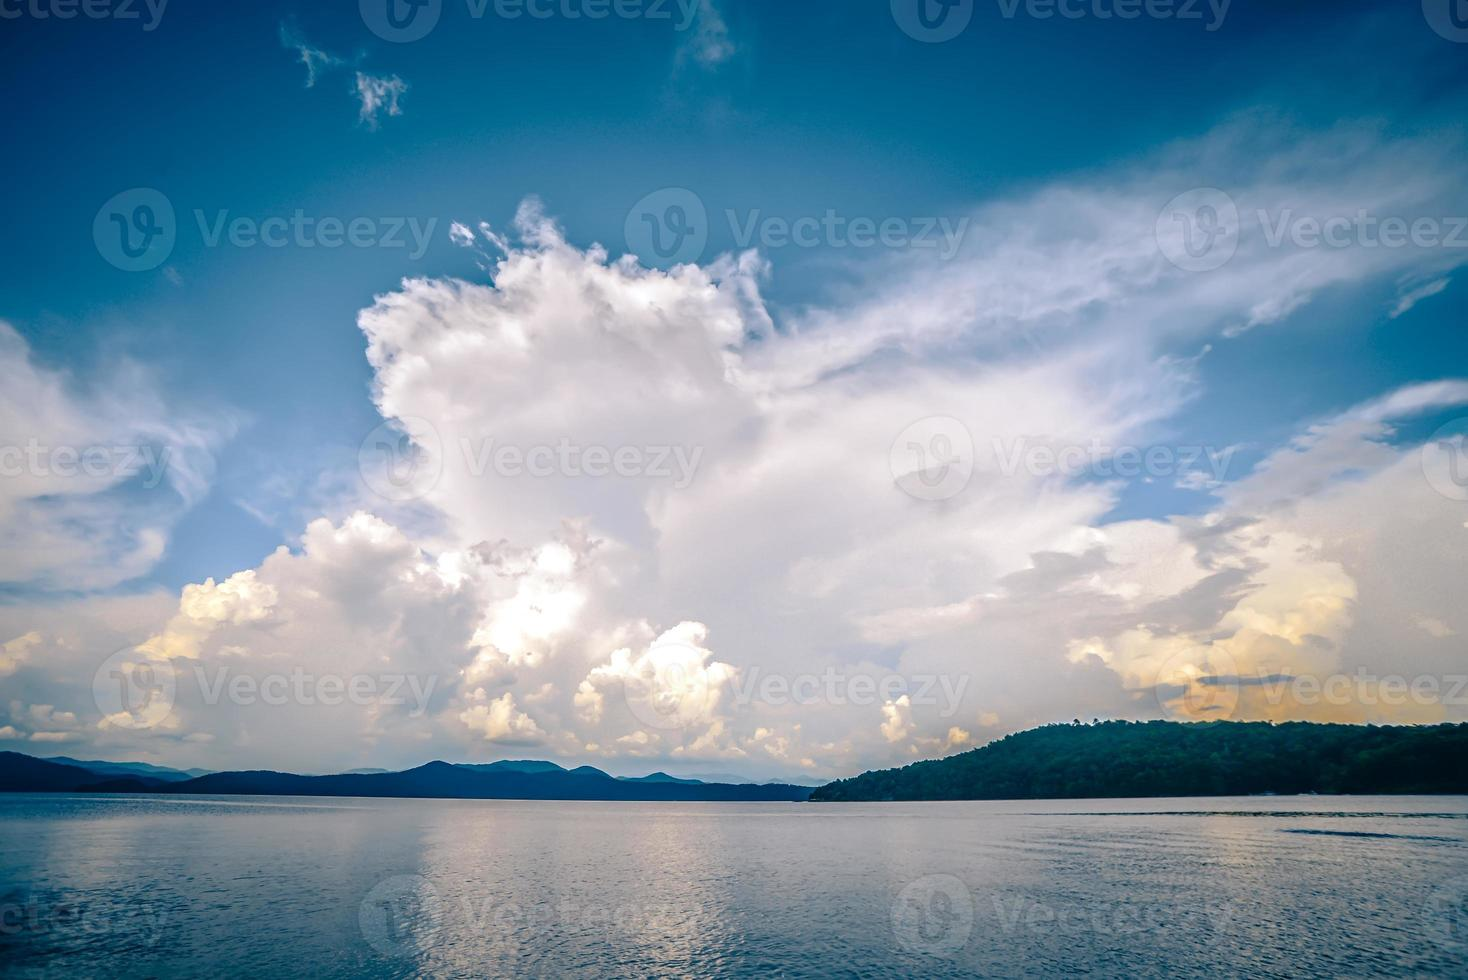 hermosas escenas de paisajes en el lago jocassee, carolina del sur foto